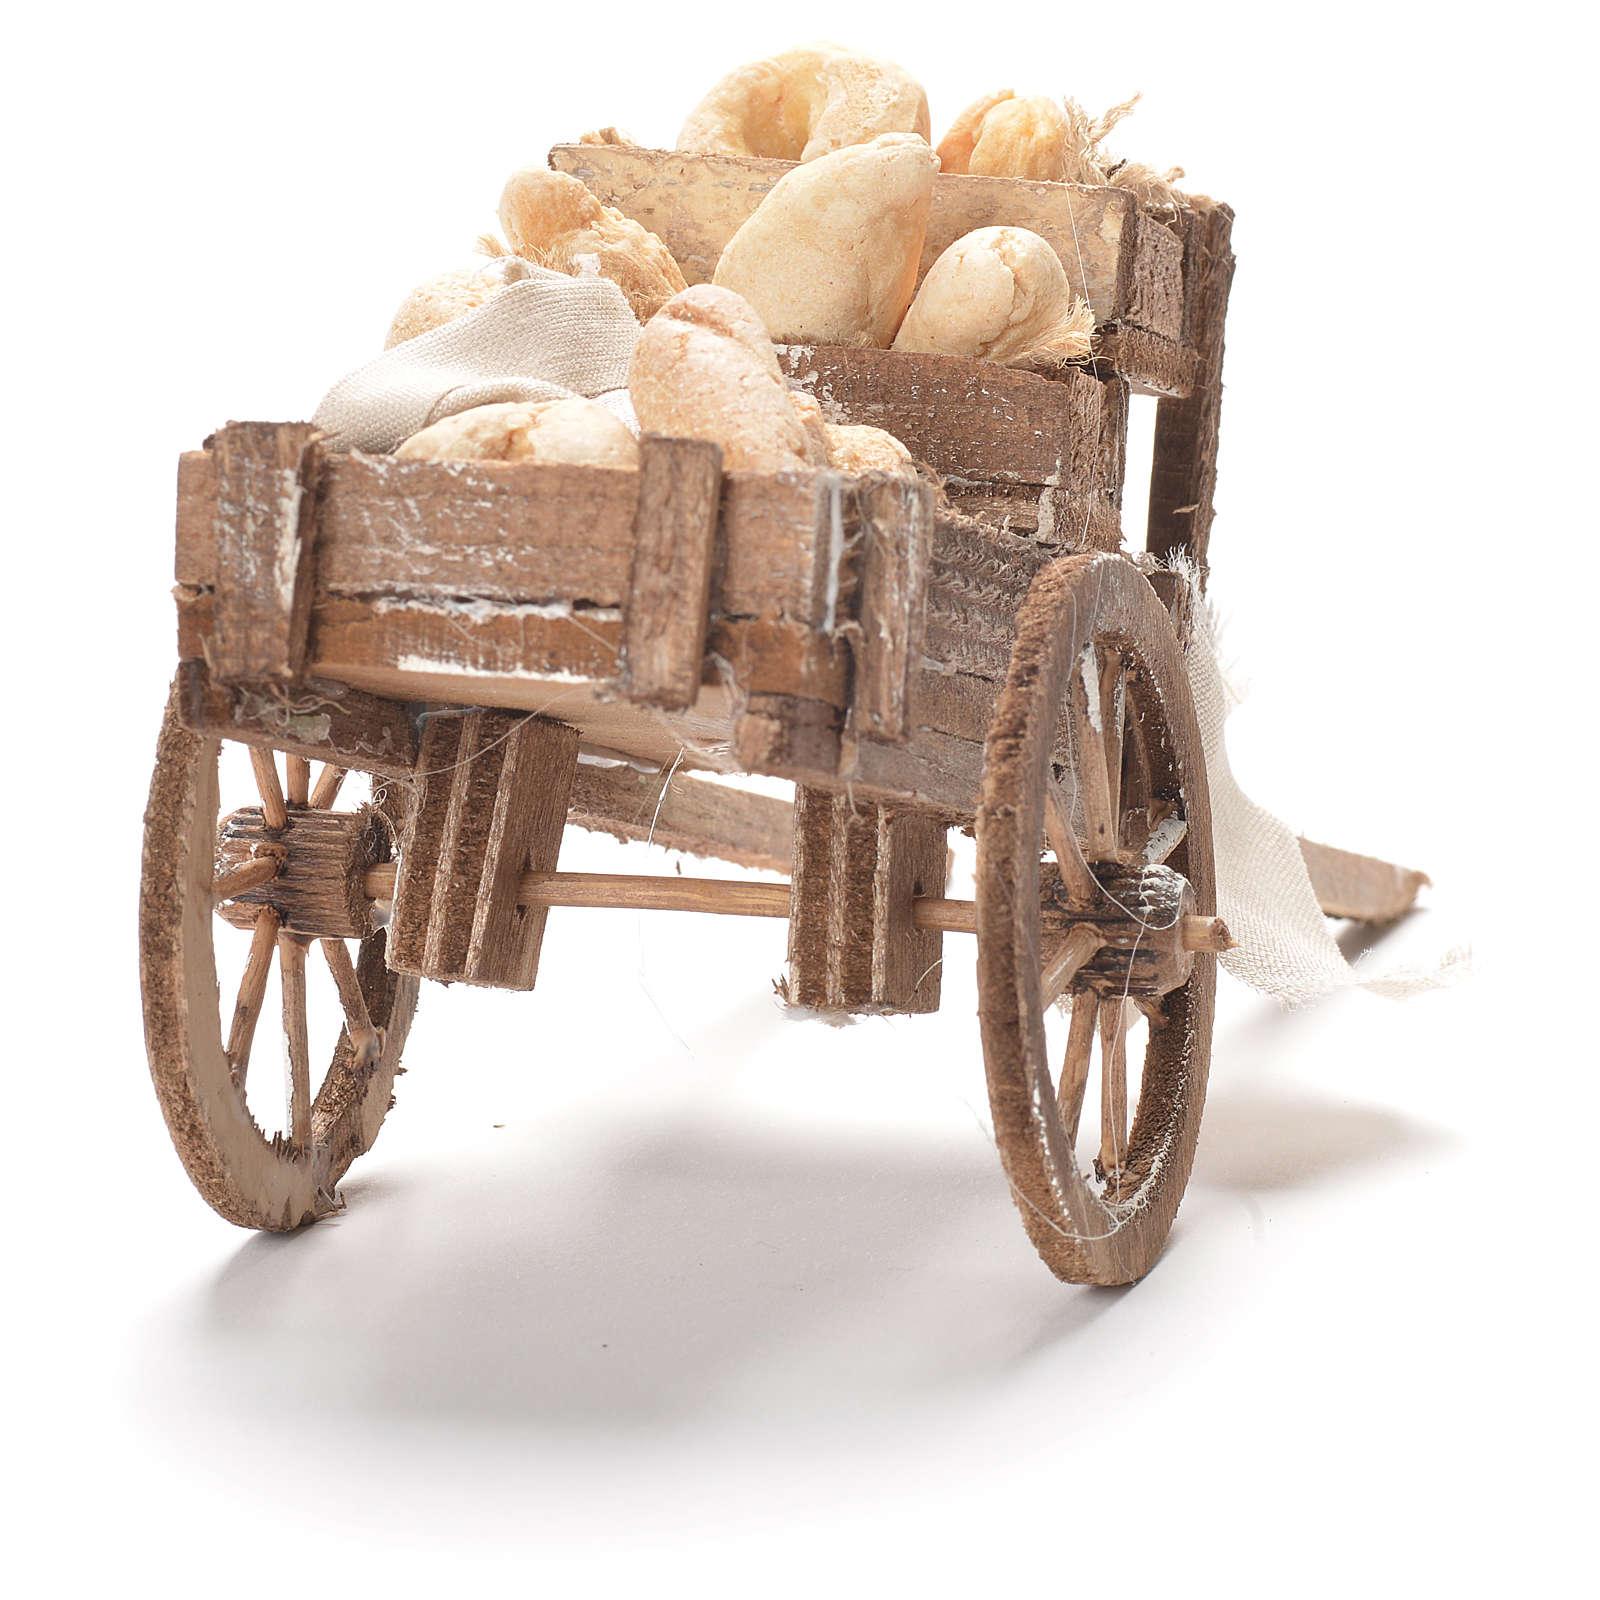 Carretto con pane presepe napoletano 12x20x8 cm 4